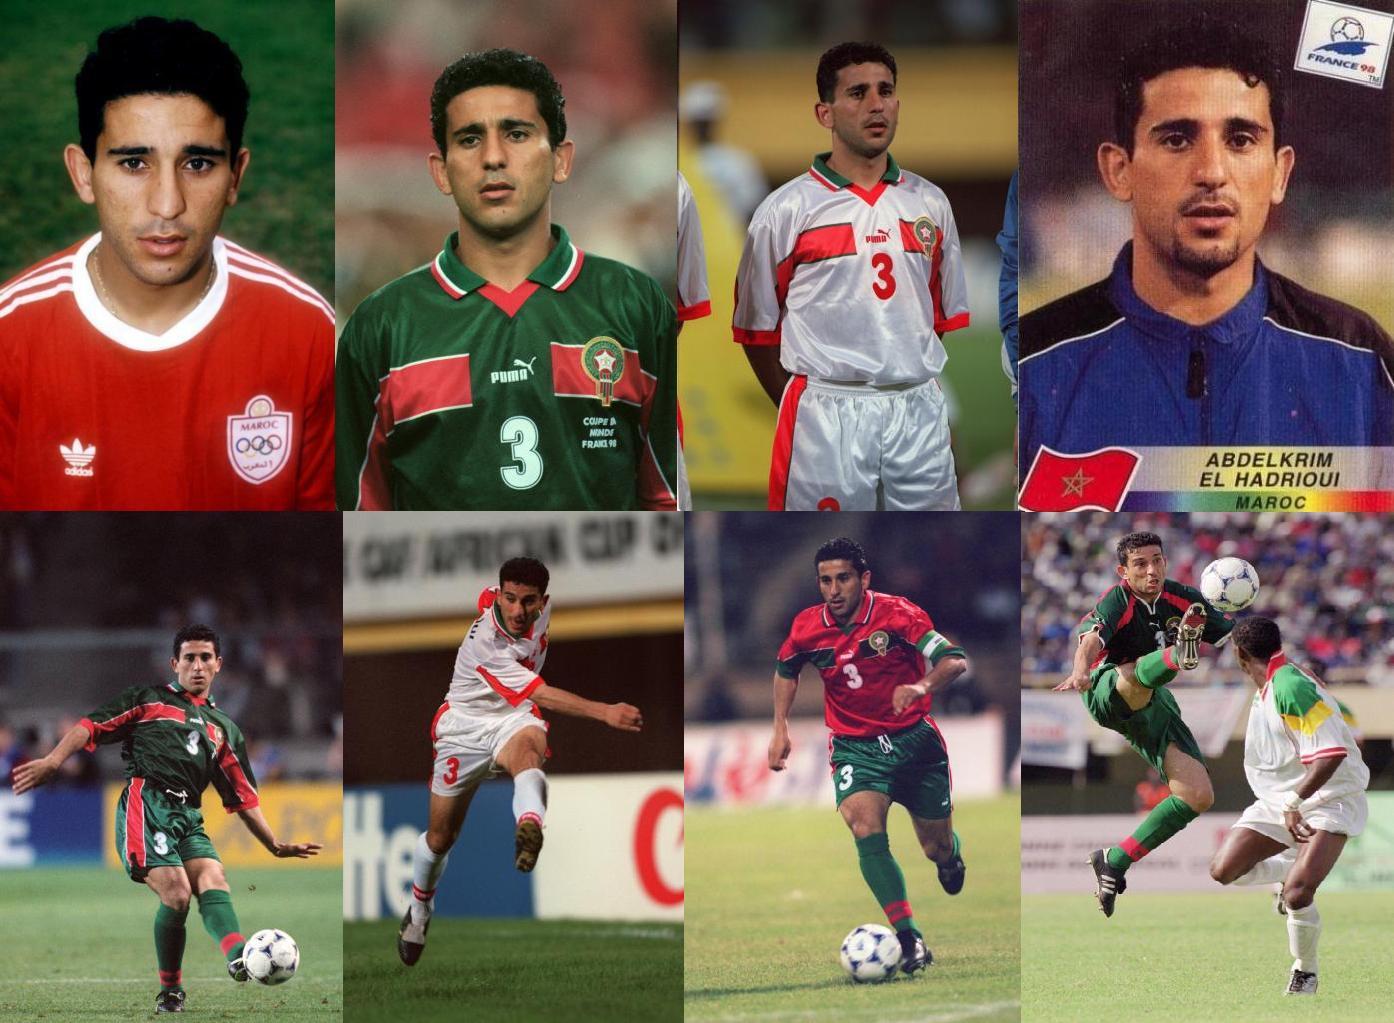 بعض الصورالمنتخب المغربي AEH009